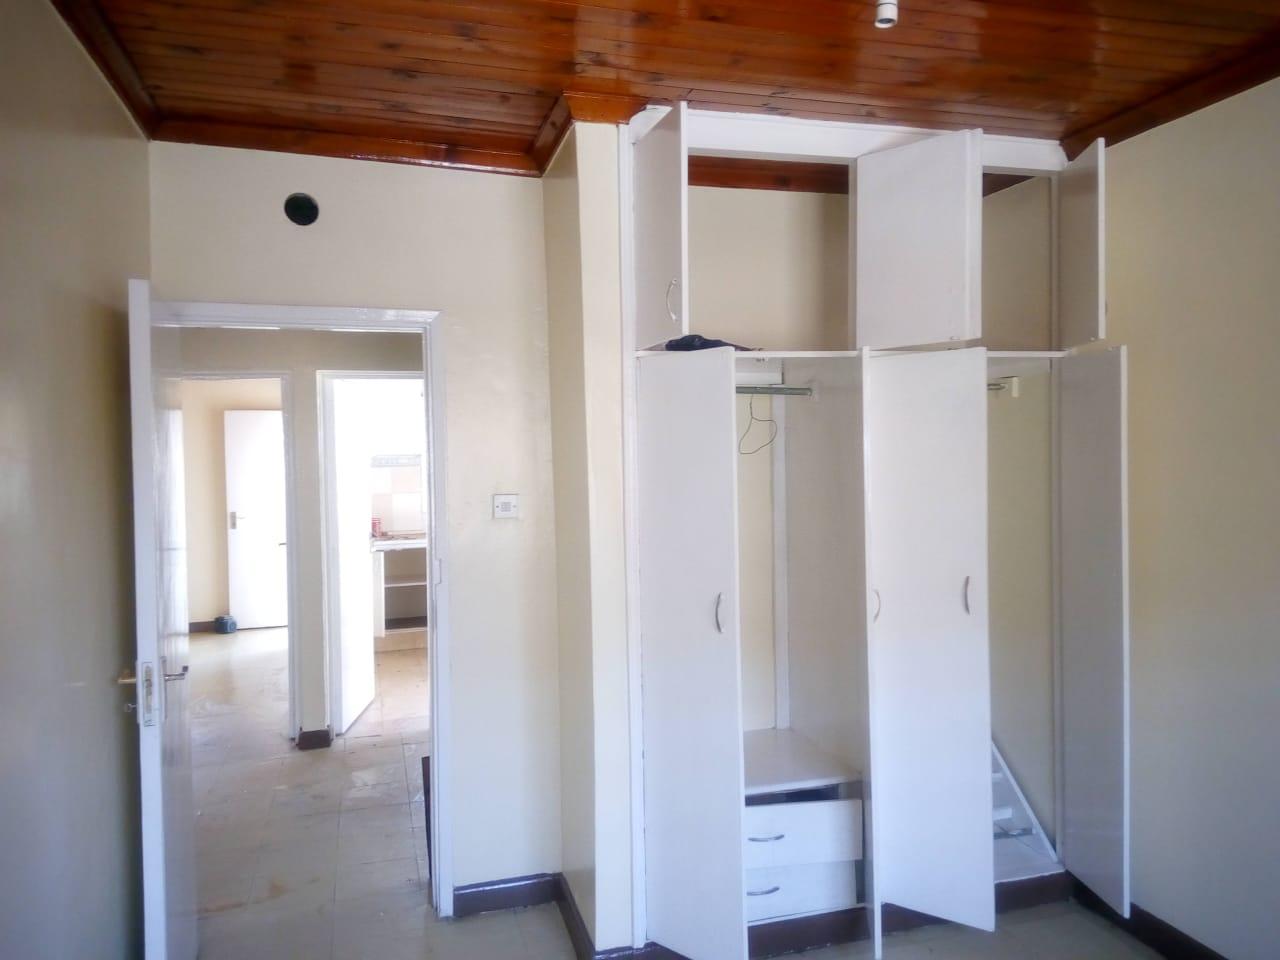 Tena – 3 bedroom bungalow